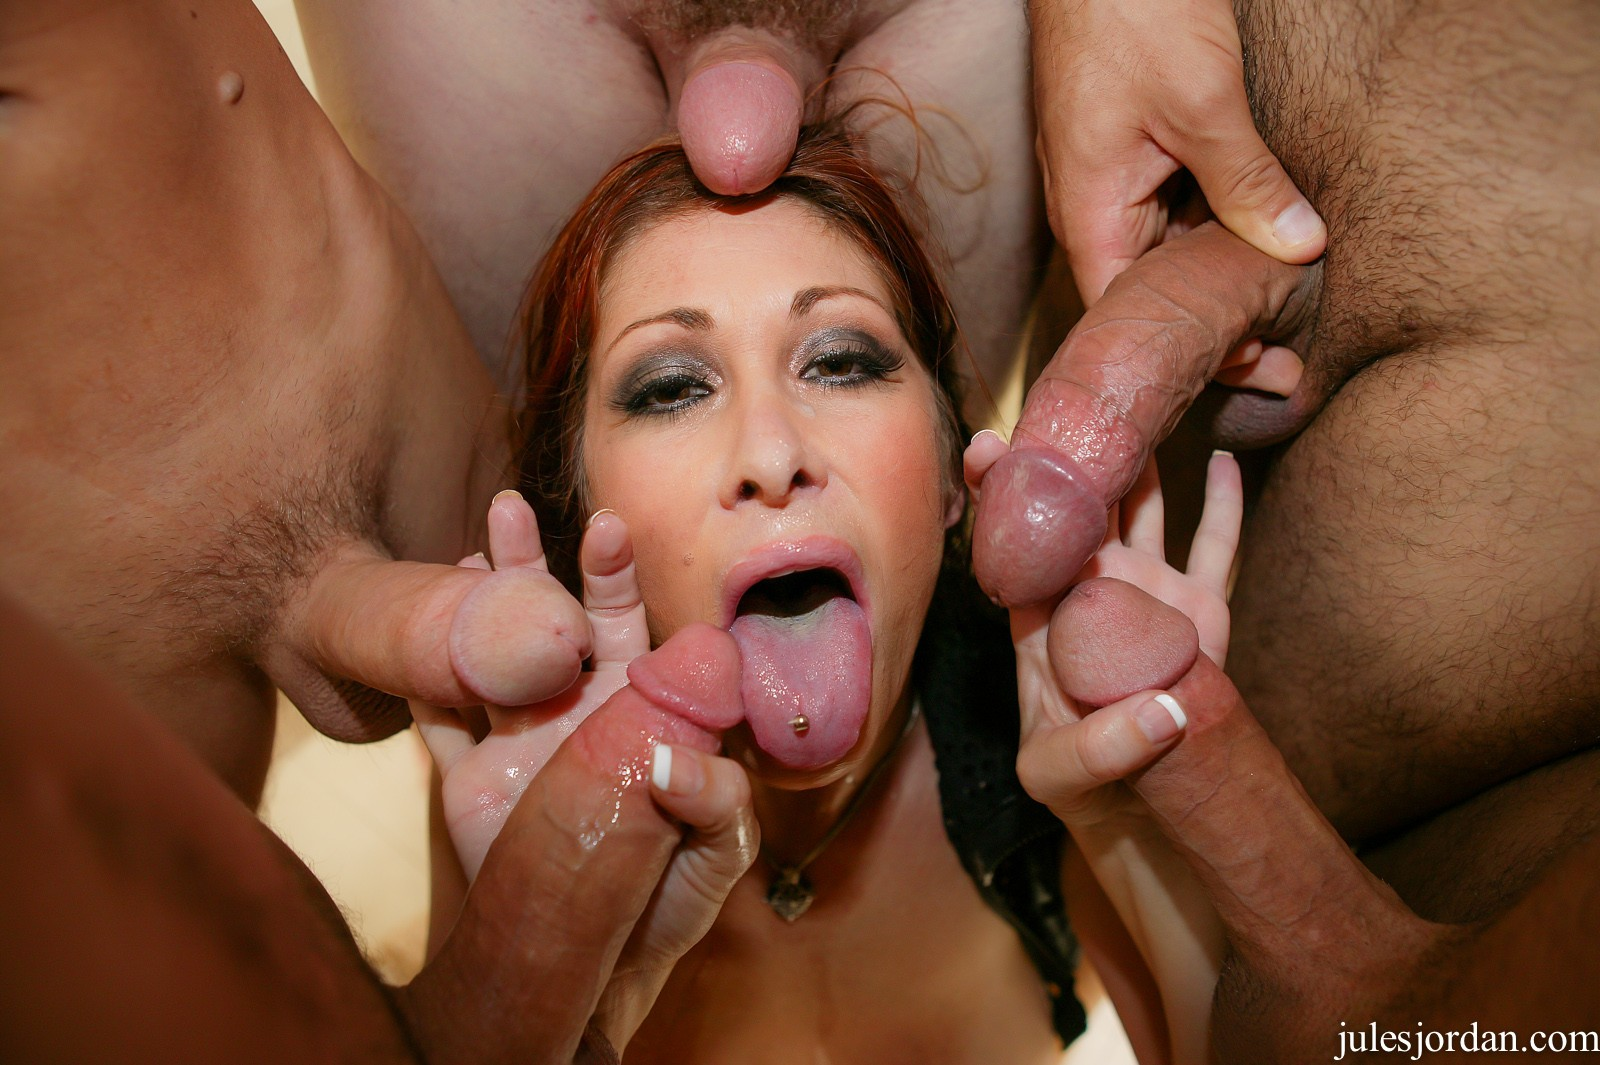 Модель порно онлайн спортсменка и куча членов массаж